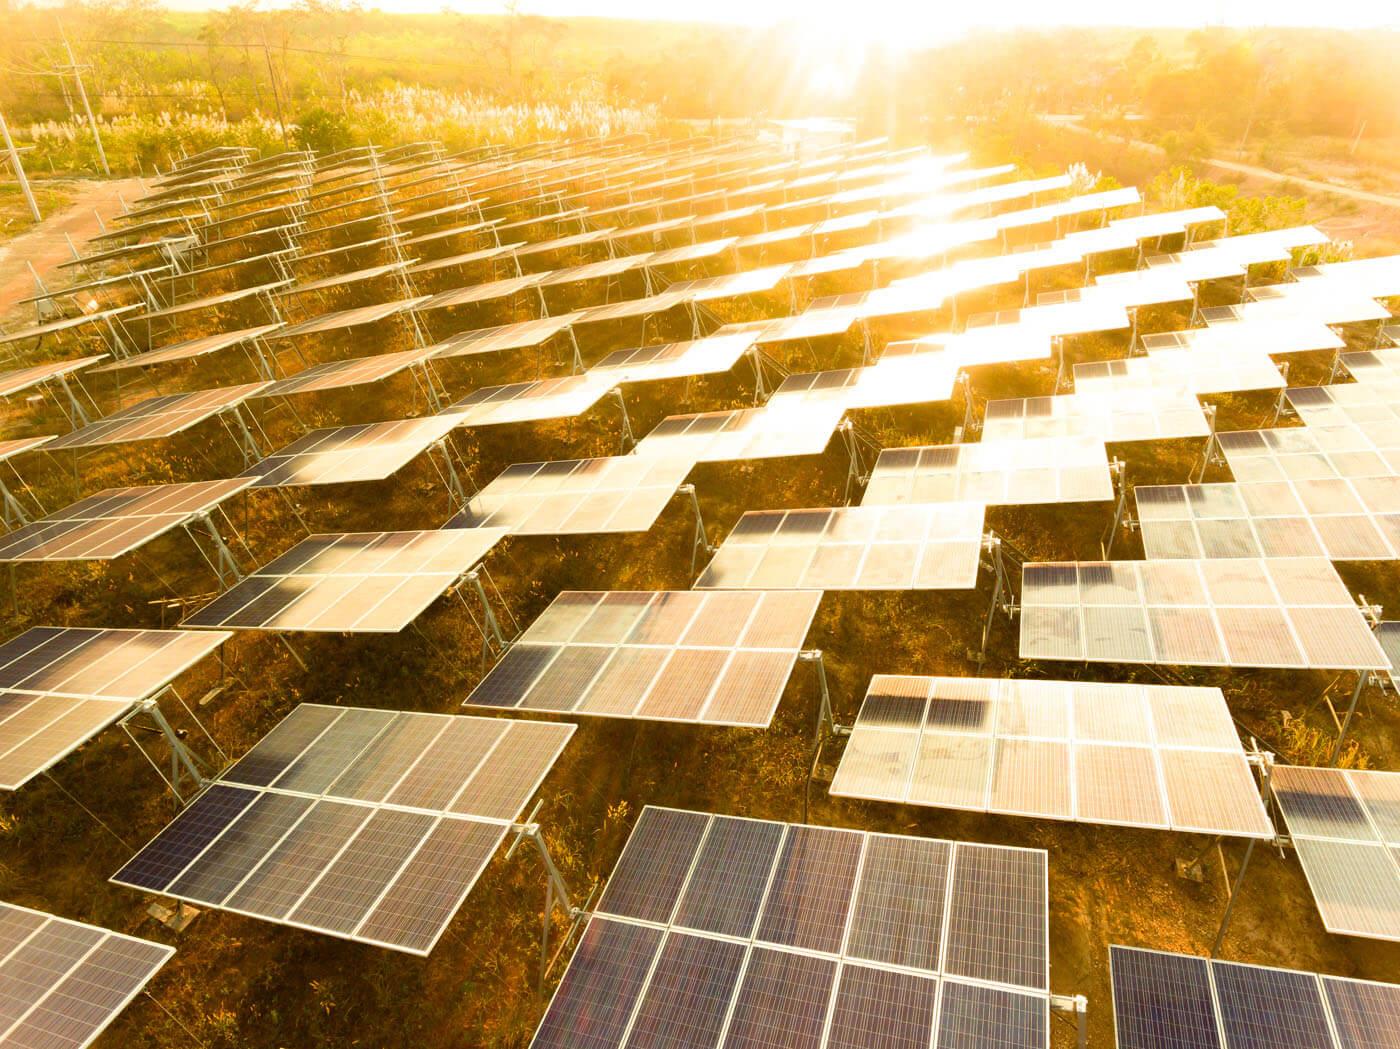 Solar panels in bright sunlight.